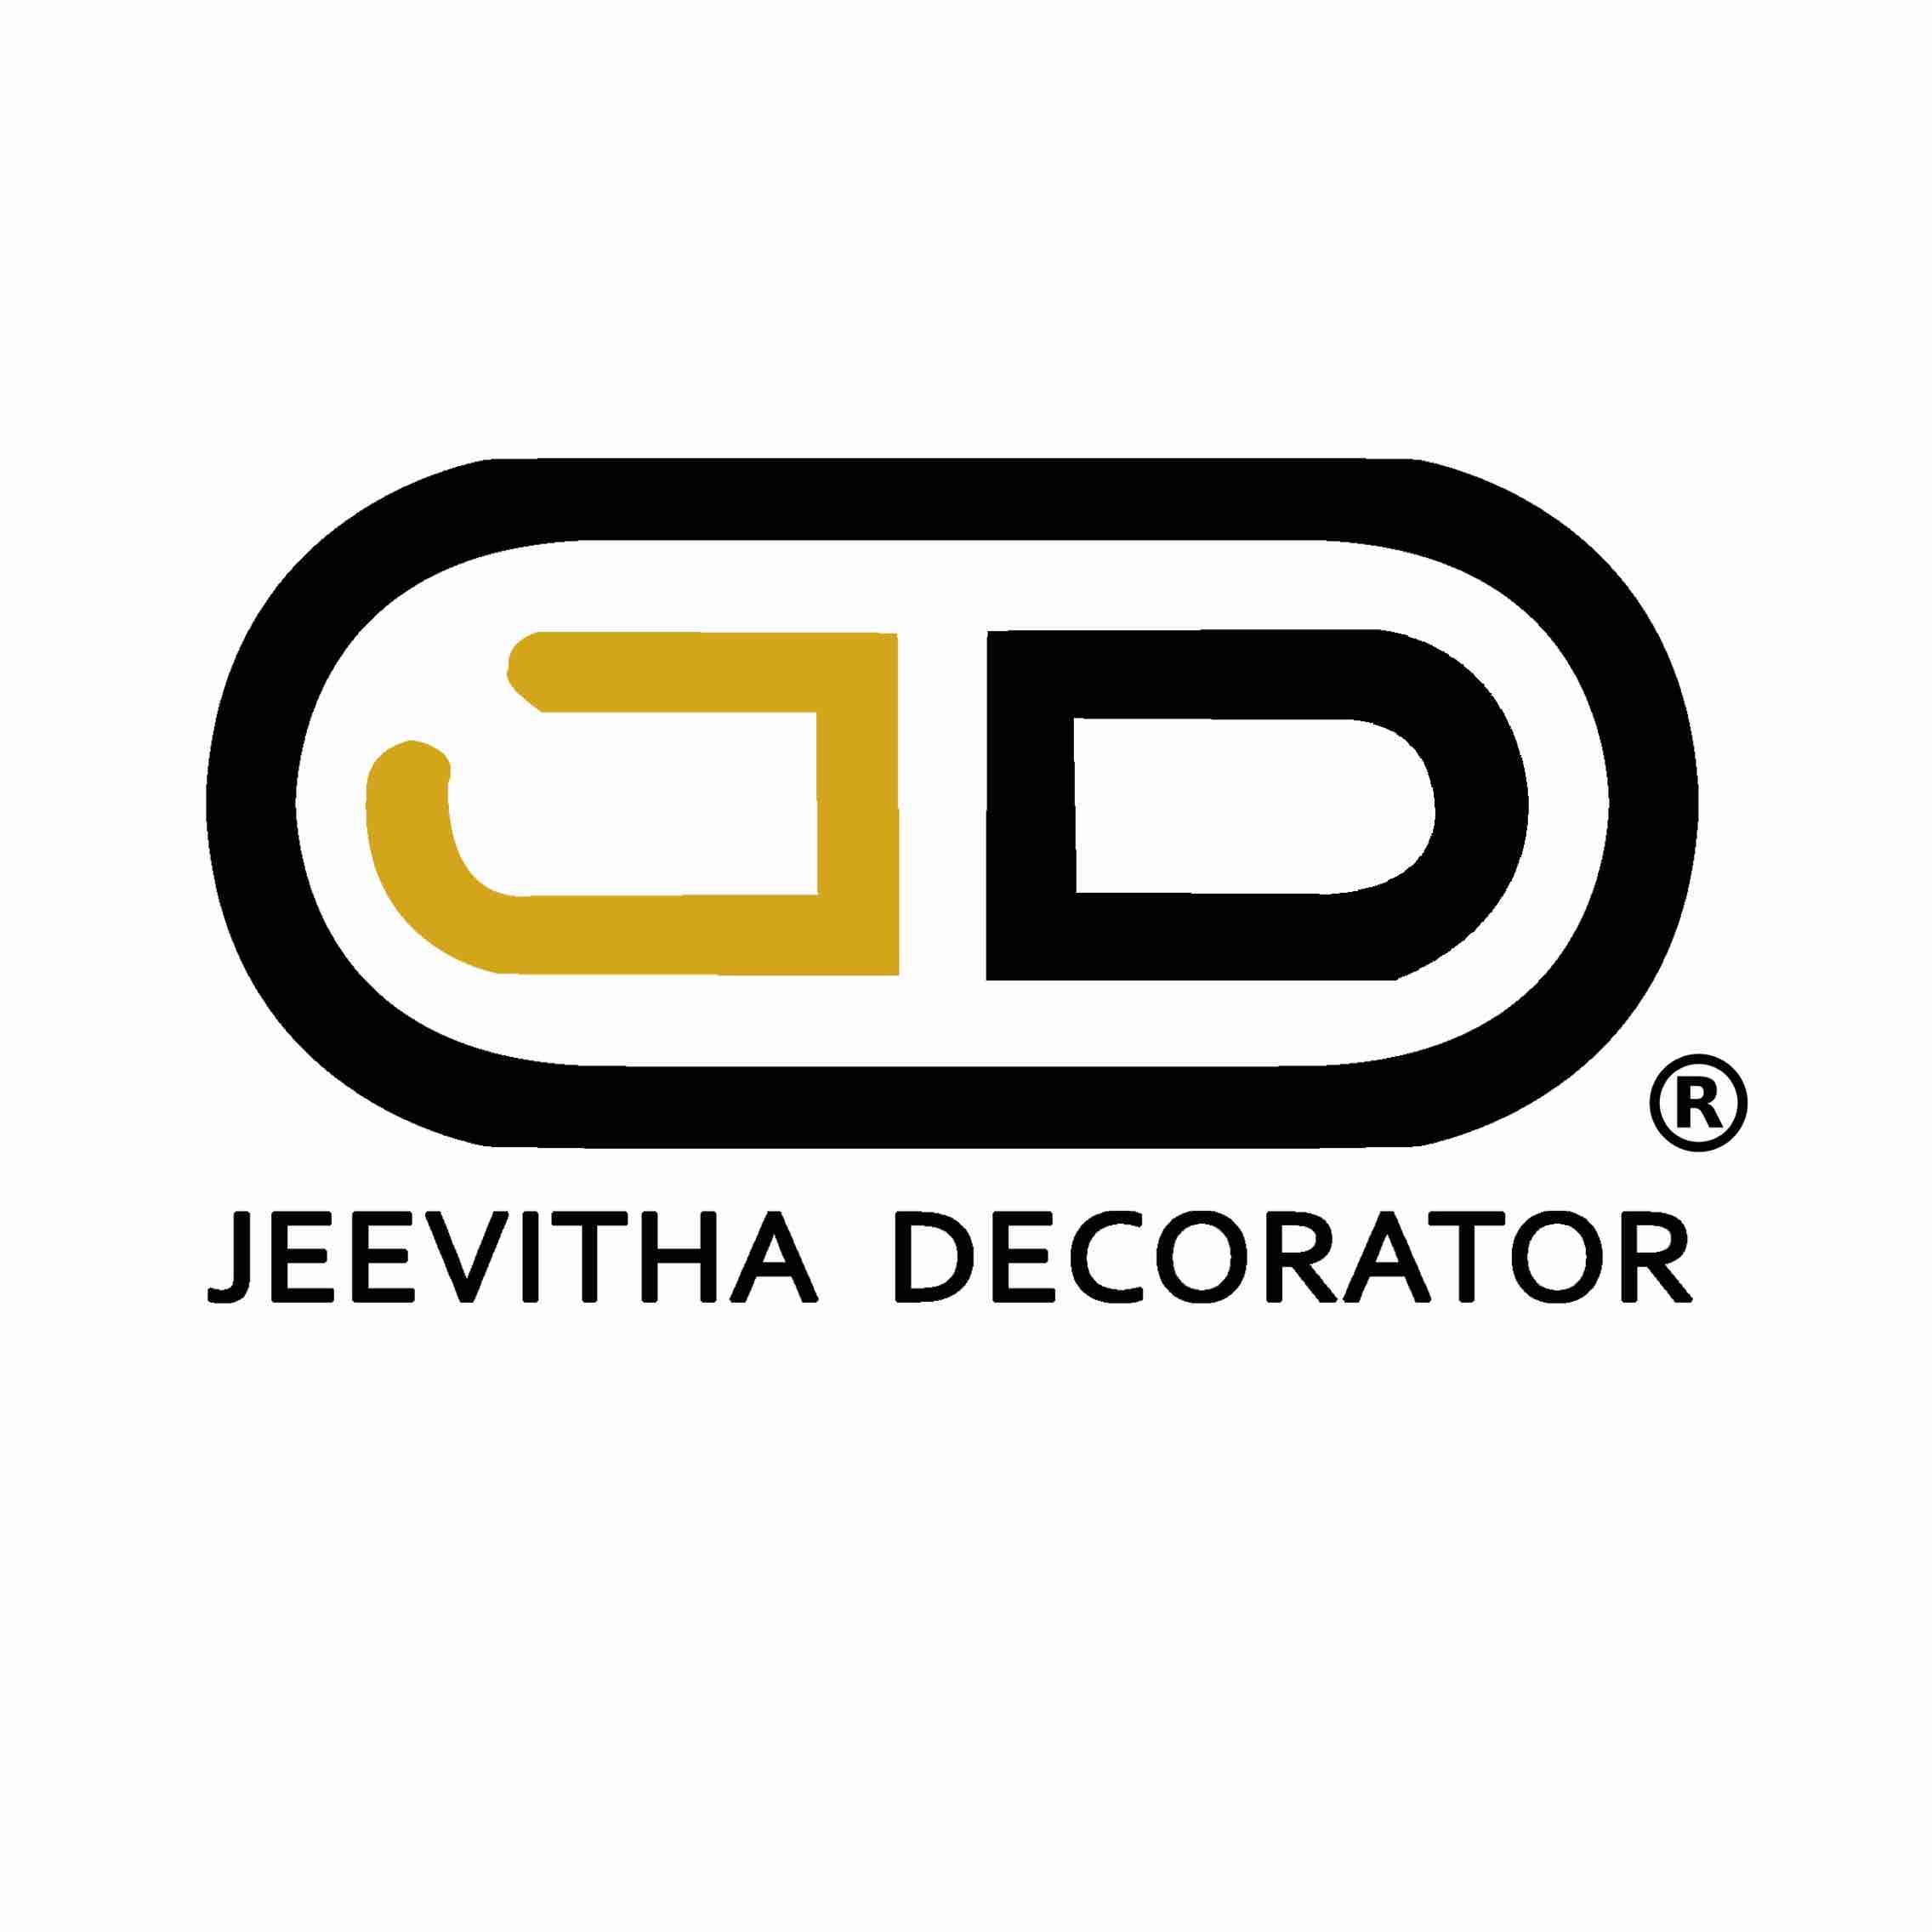 Jeevitha Decorator